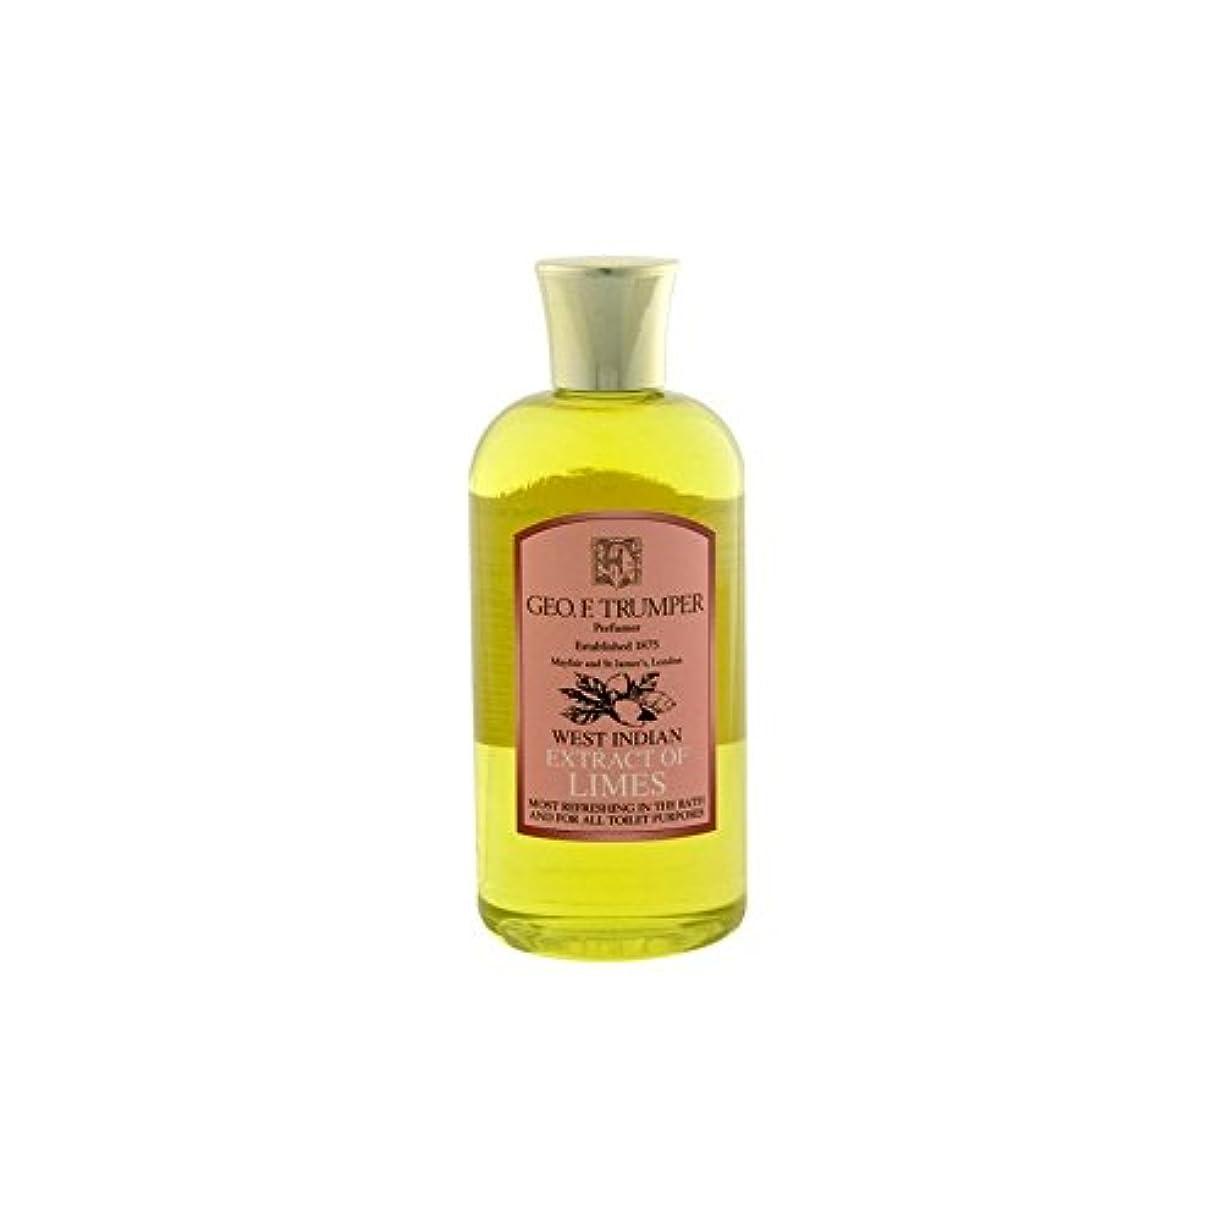 褒賞免疫ドームライムのバス&シャワージェル - 500ミリリットル旅 x4 - Trumpers Limes Bath & Shower Gel - 500ml Travel (Pack of 4) [並行輸入品]